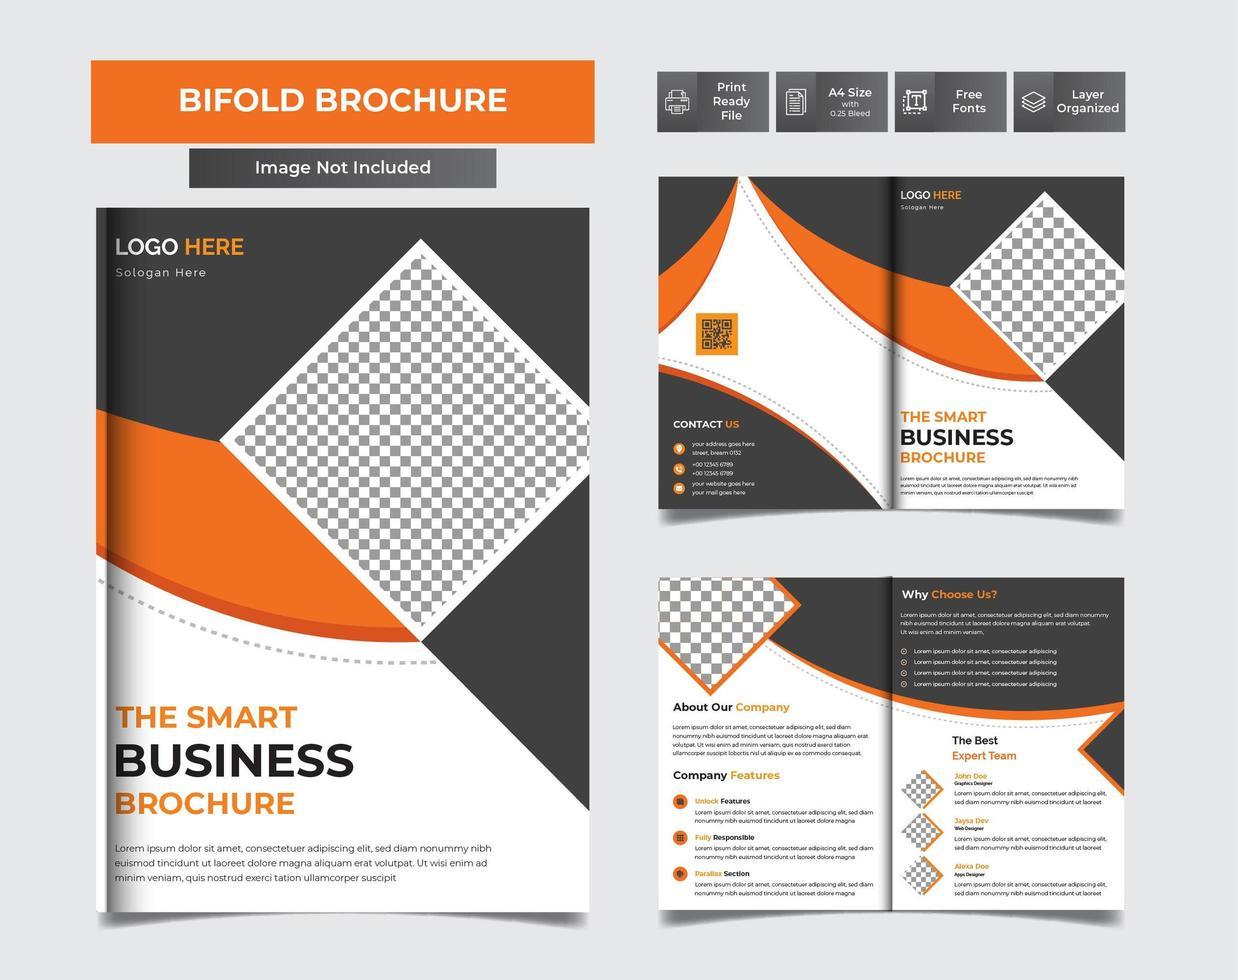 moderne zakelijke tweevoudige brochure vector sjabloonontwerp in a4 gemakkelijk te bewerken brochure tijdschrift voorpagina ontwerp